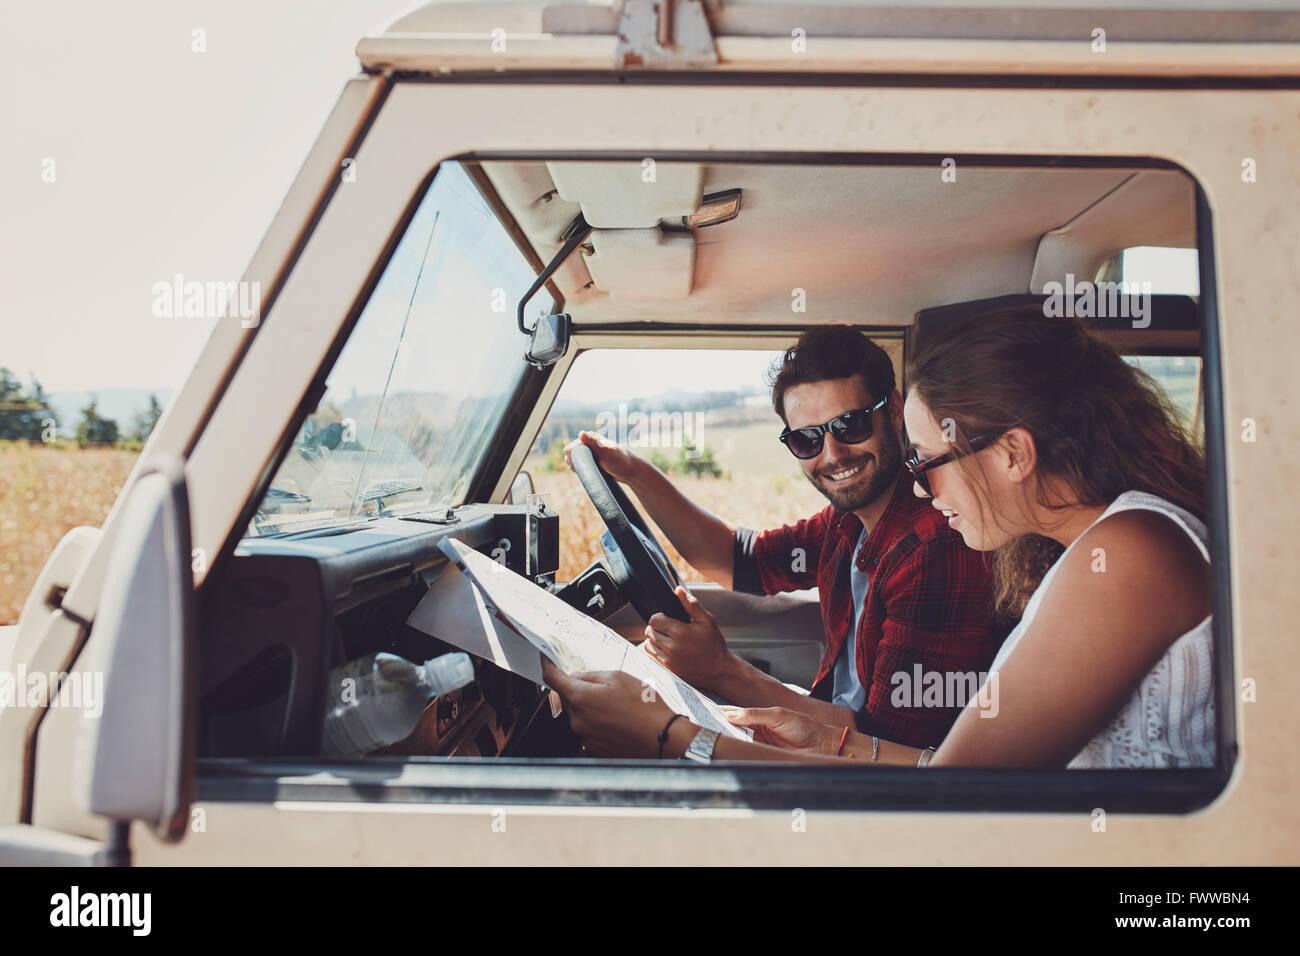 El hombre y la mujer en un viaje por carretera y leer un mapa juntos mientras está sentado en el interior de Imagen De Stock